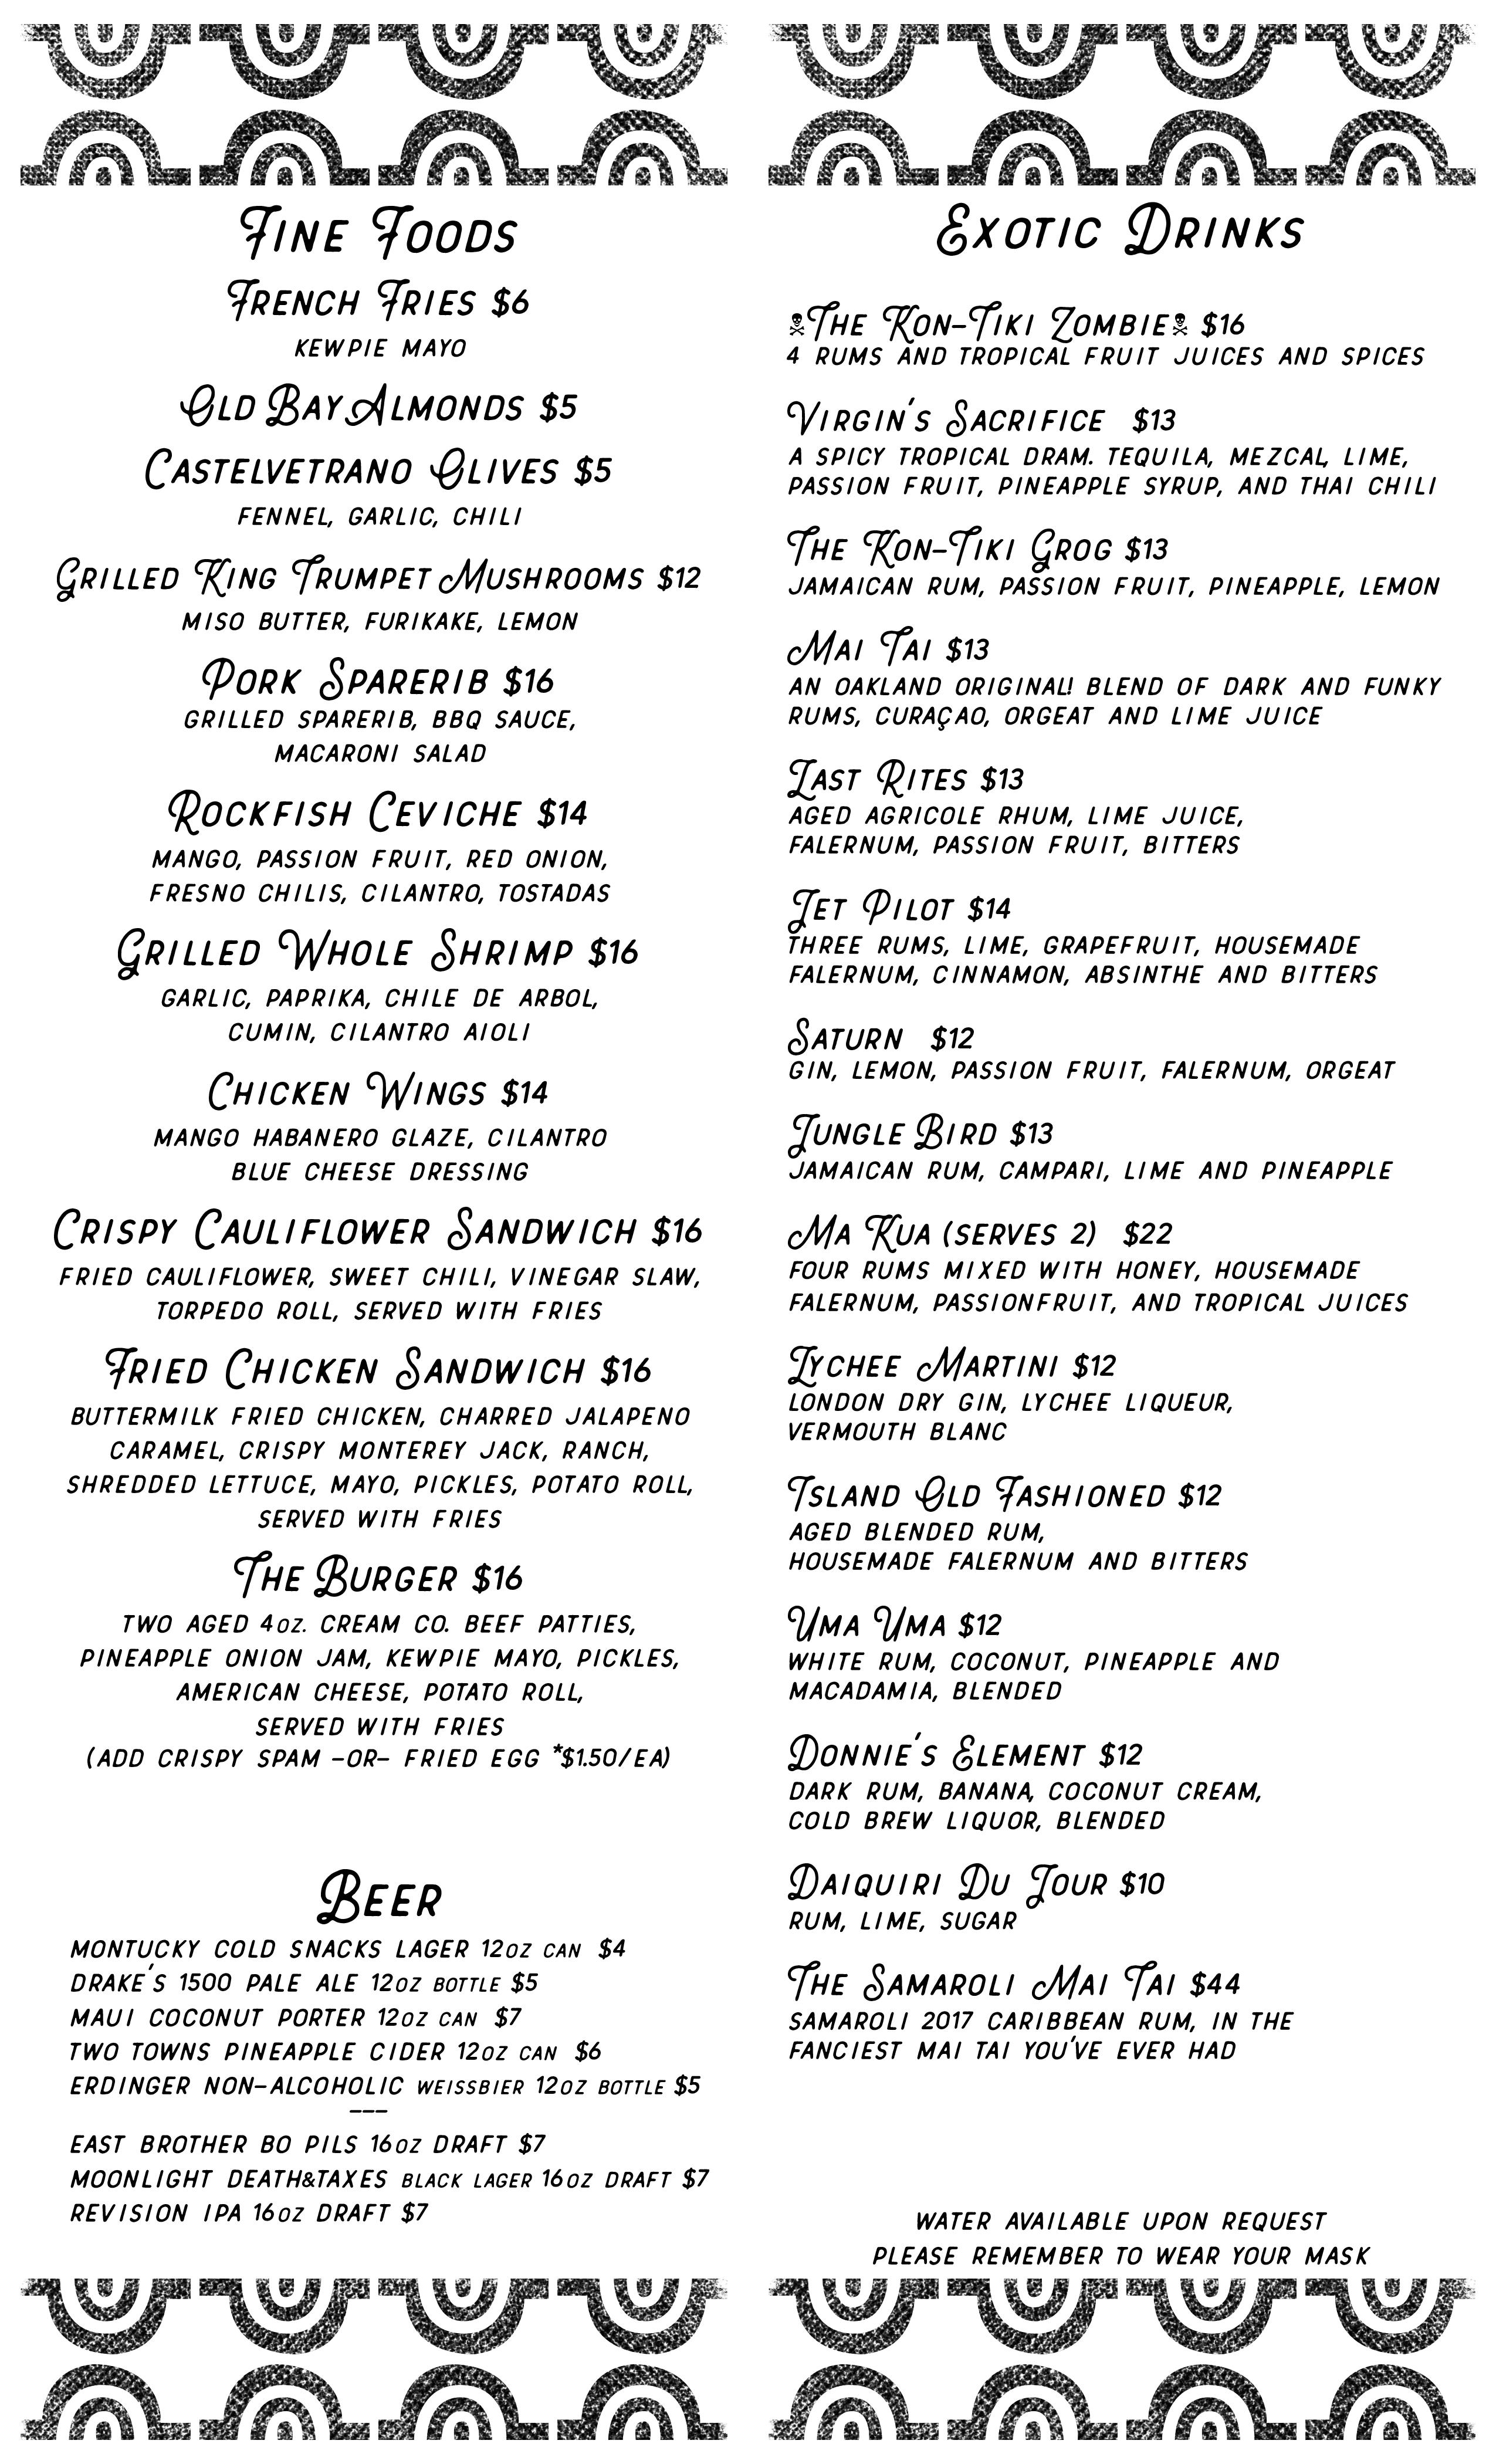 menu of food and drinks